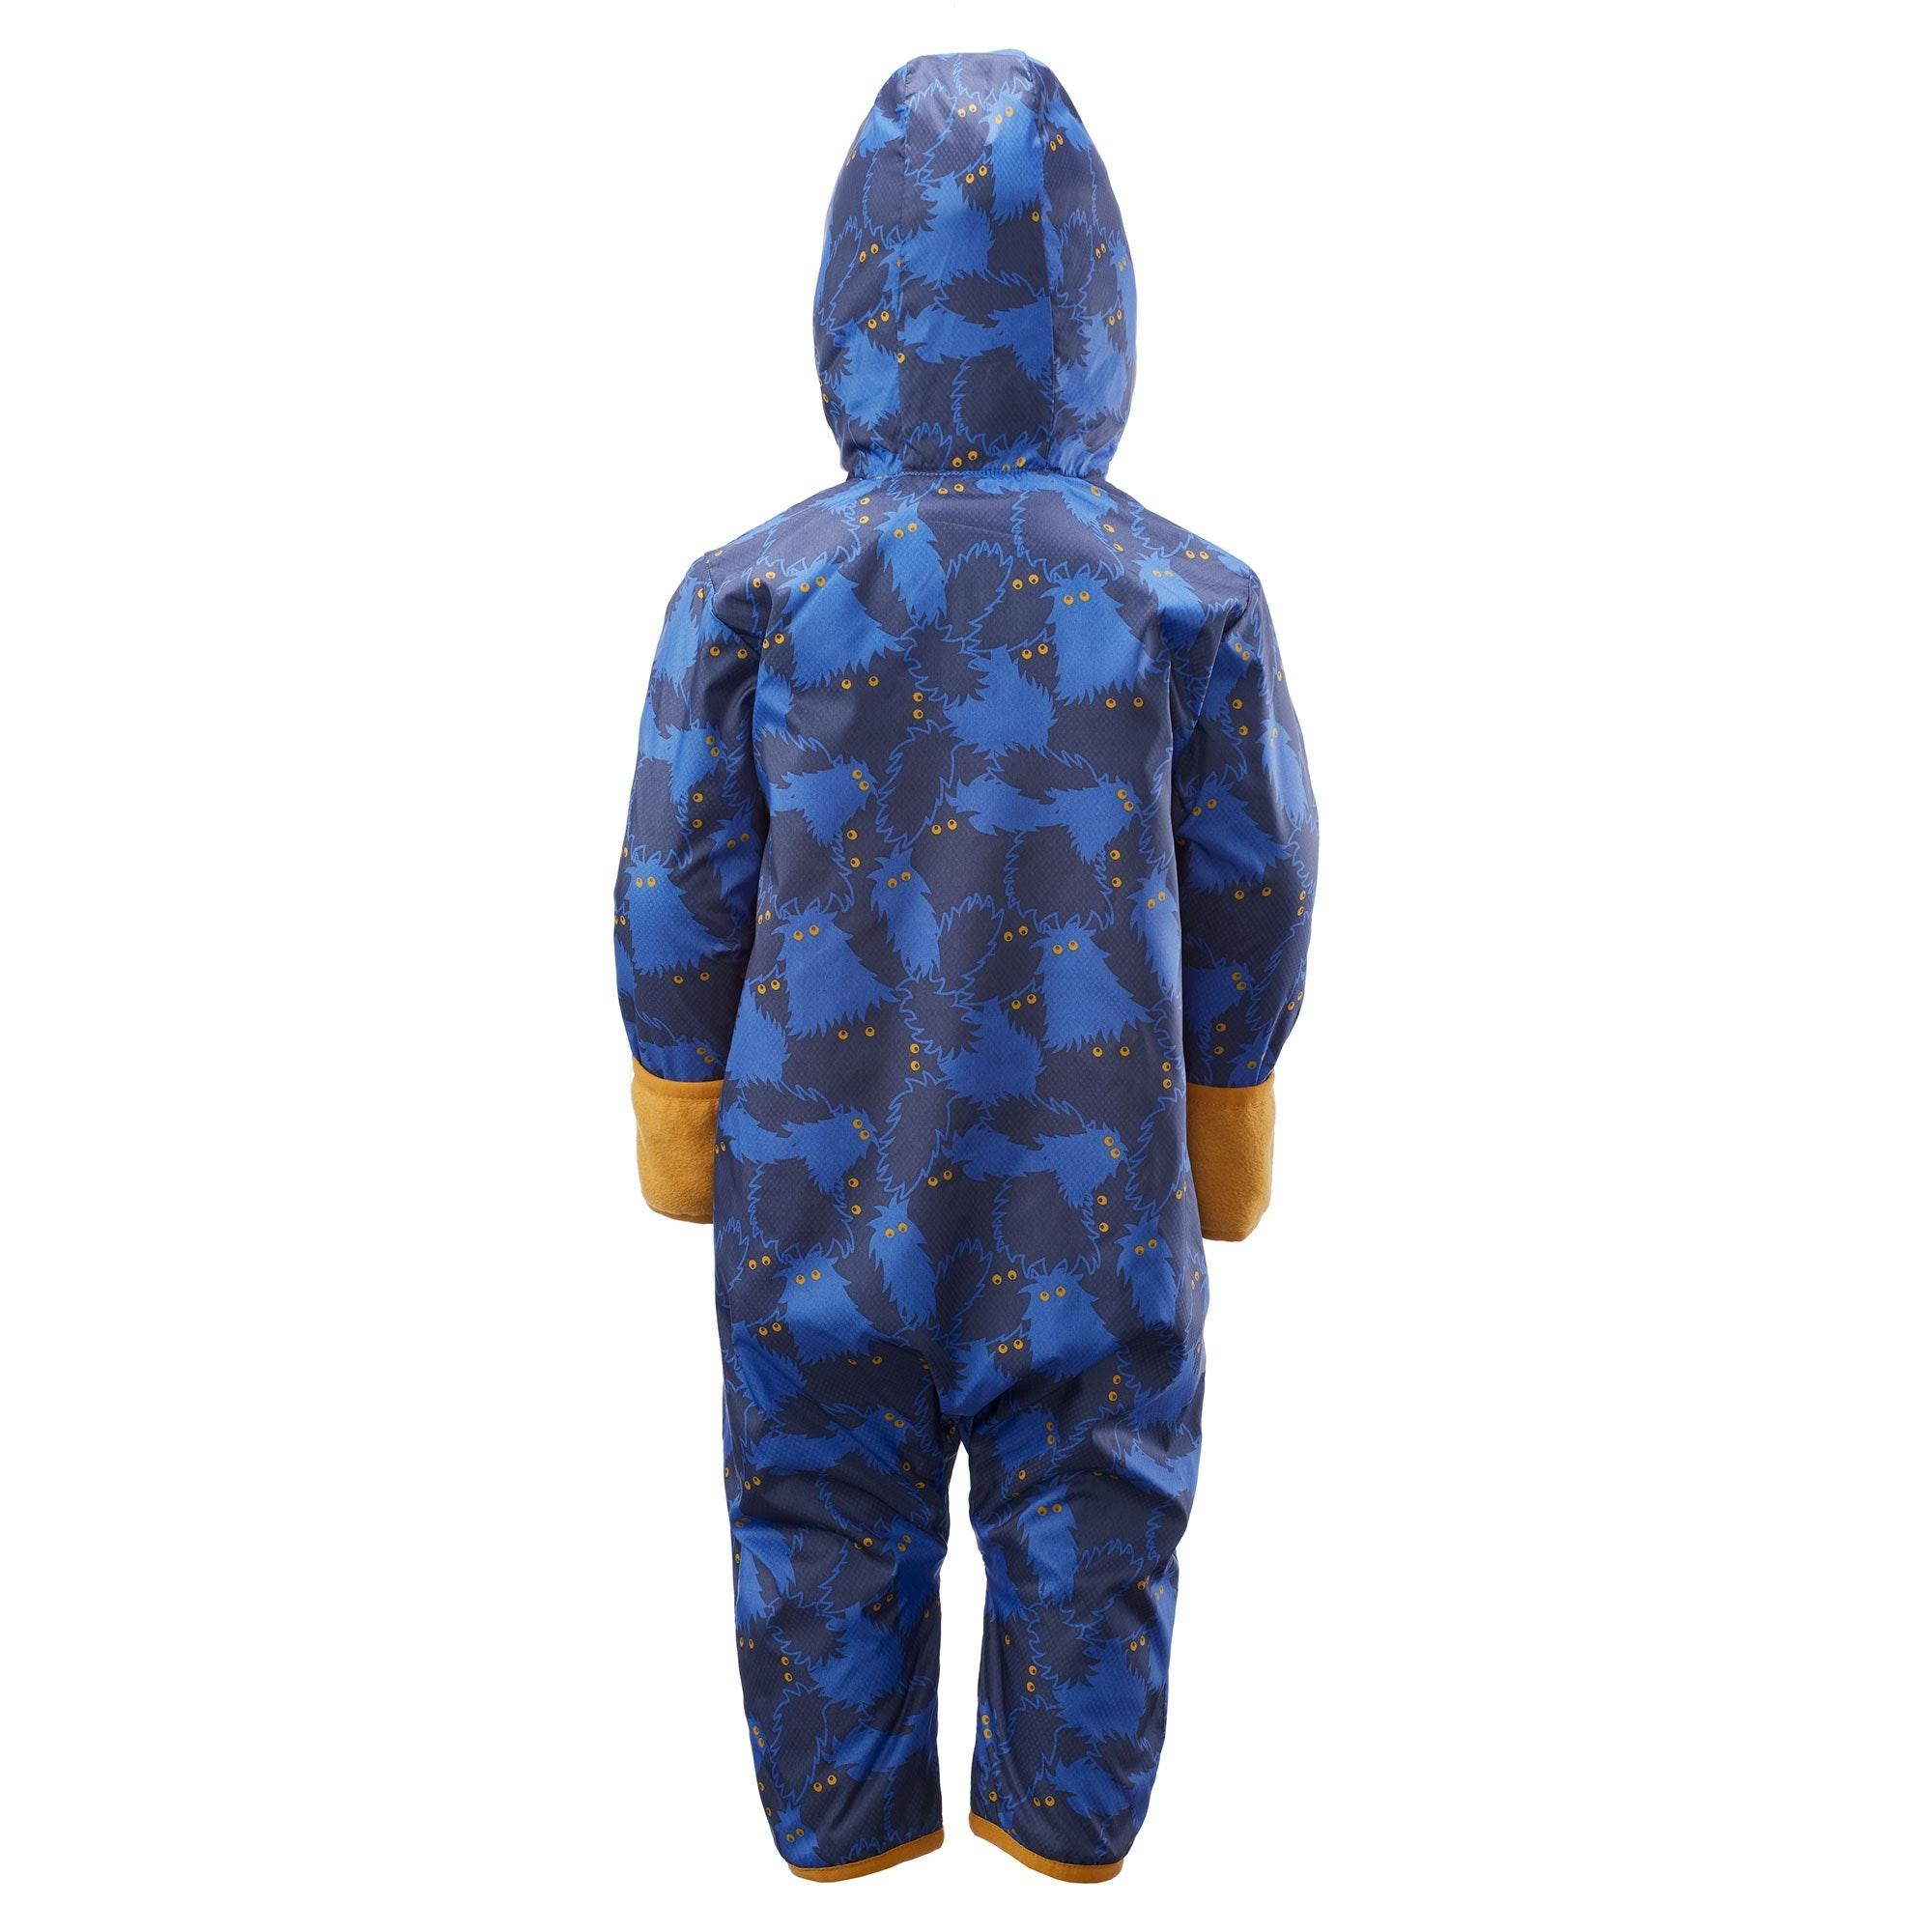 668c2146e2dc NEW Kathmandu Bambino Baby Toddler Full Length Reversible Fleece ...